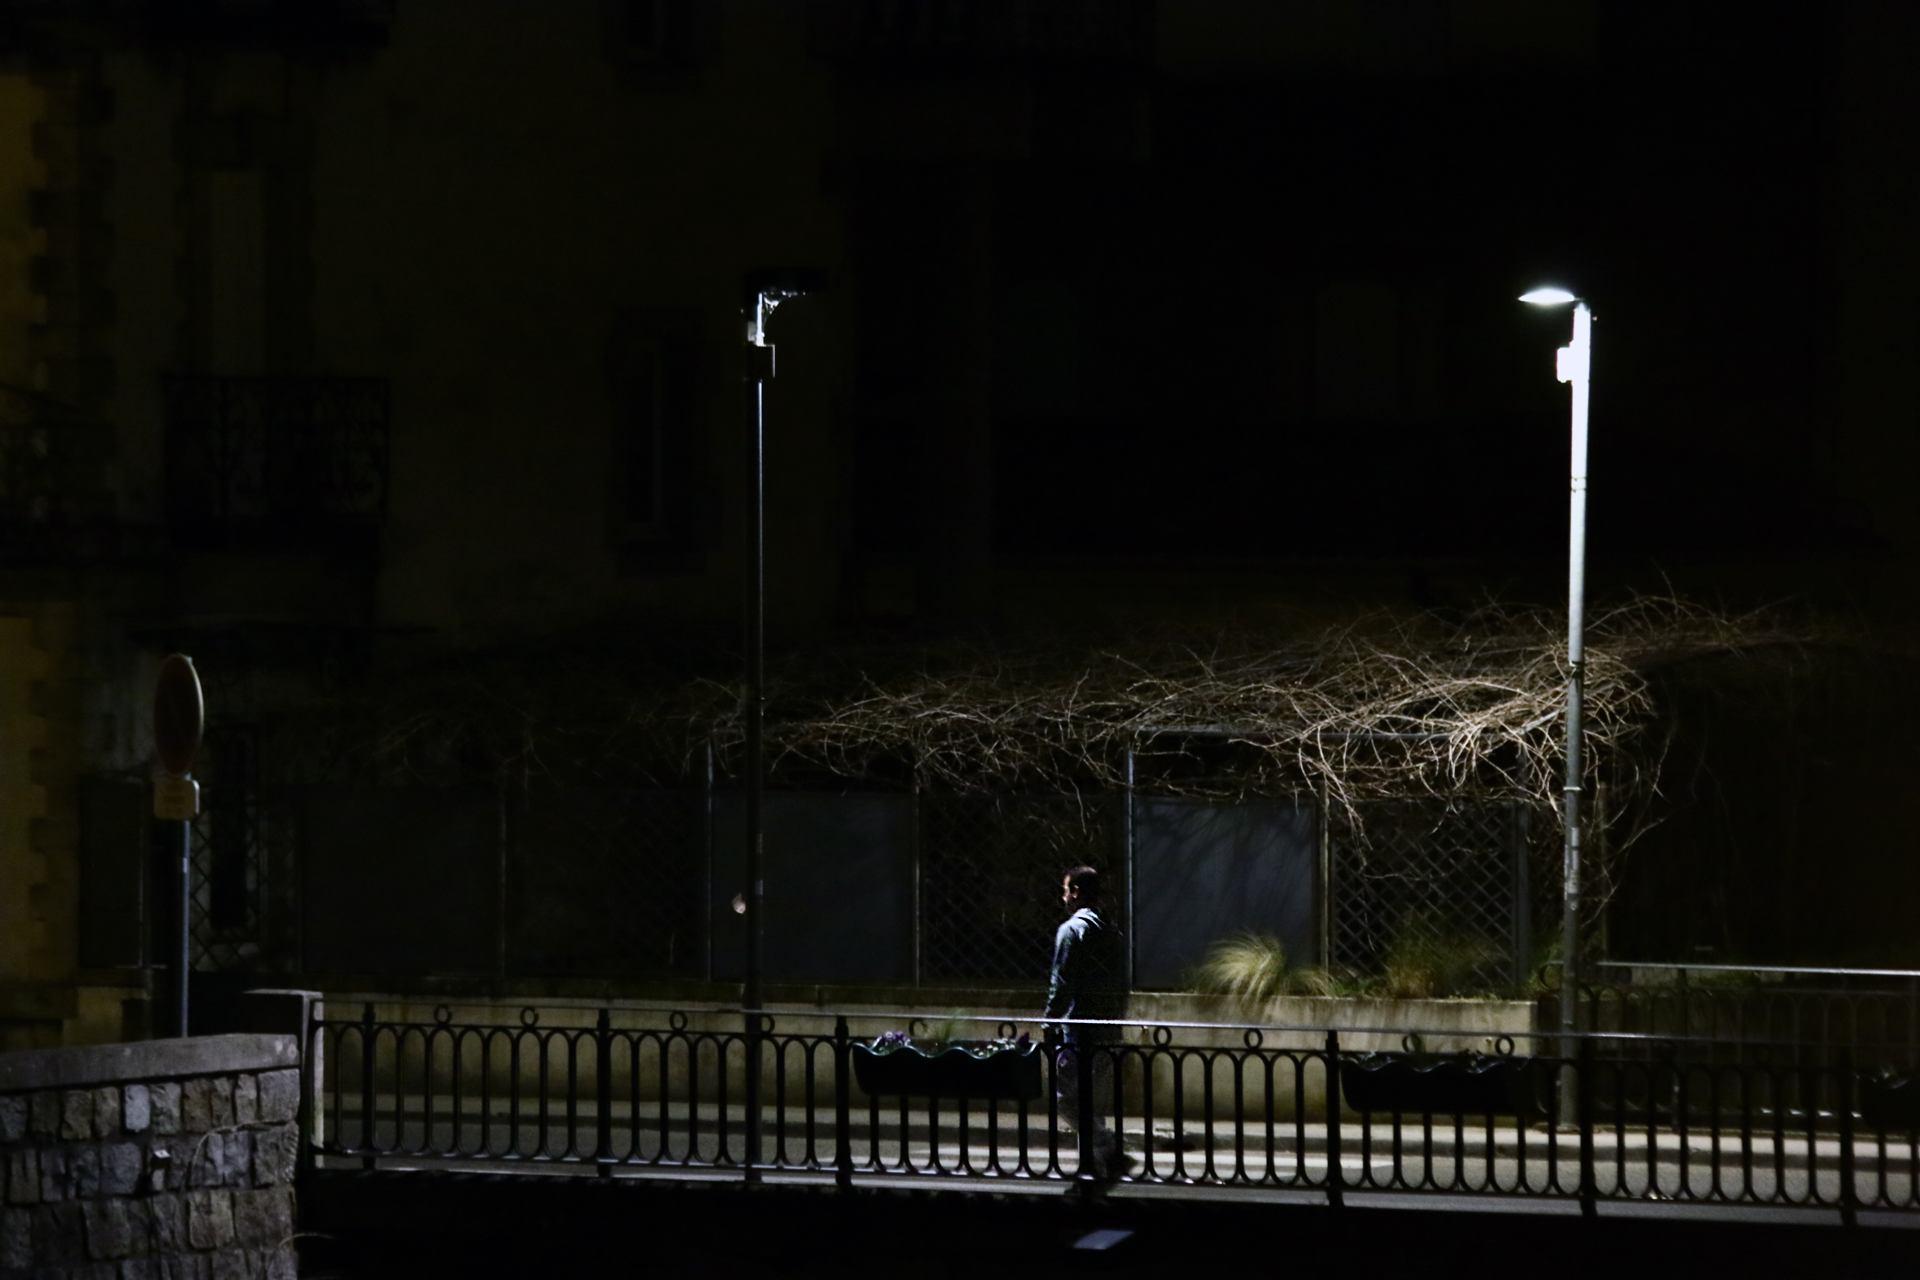 Le coronavirus vu depuis mon balcon - Même la nuit, je guette...